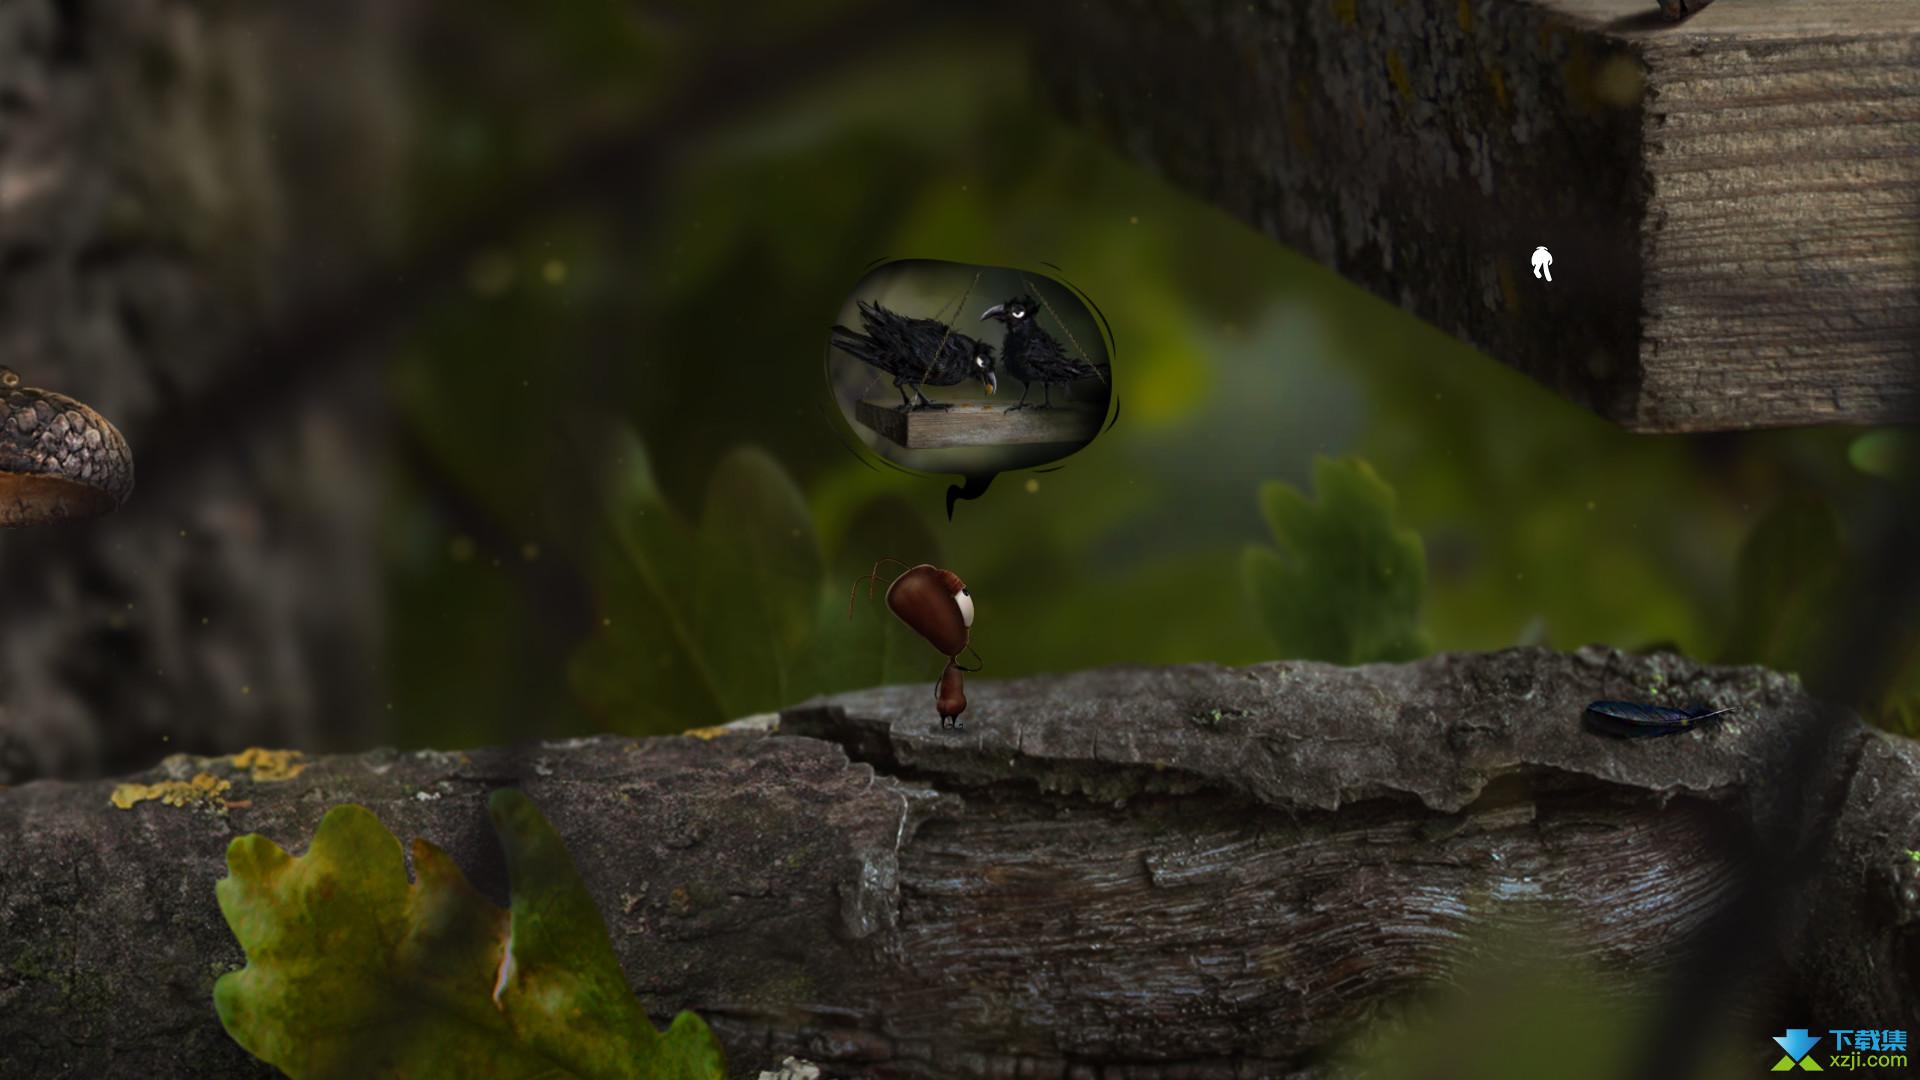 蚂蚁文托界面3